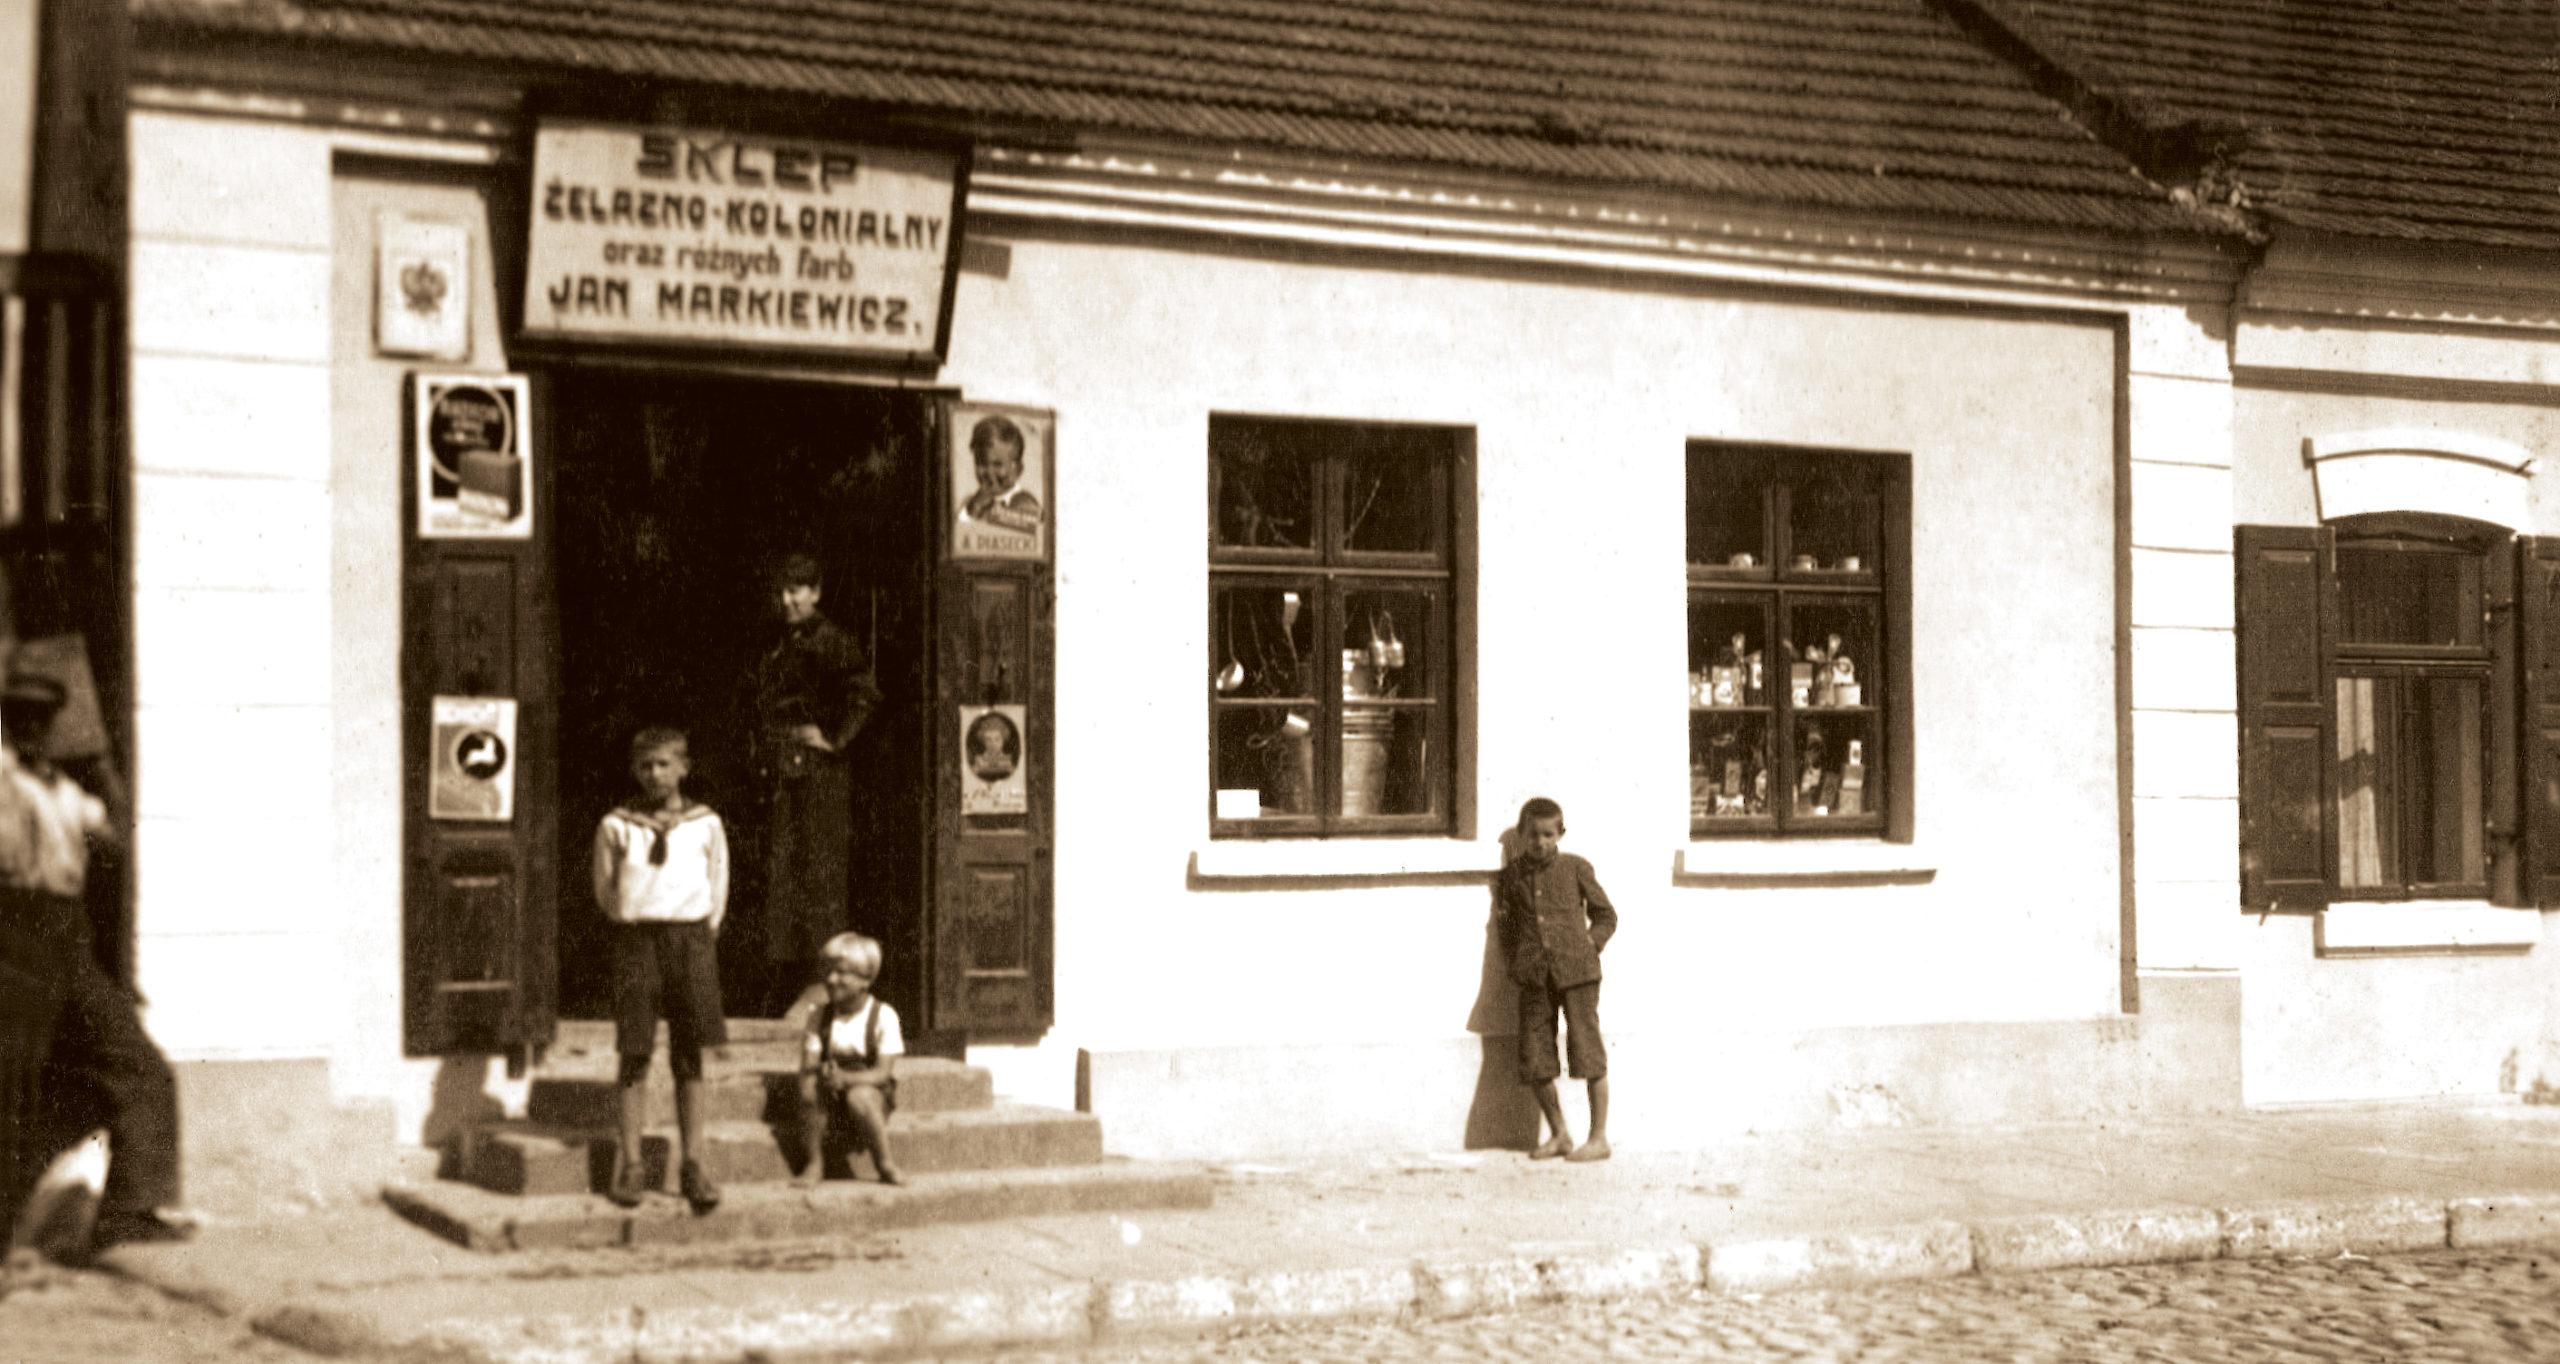 Dawny sklep kolonialny, ul. Kołłątaja, Kowal